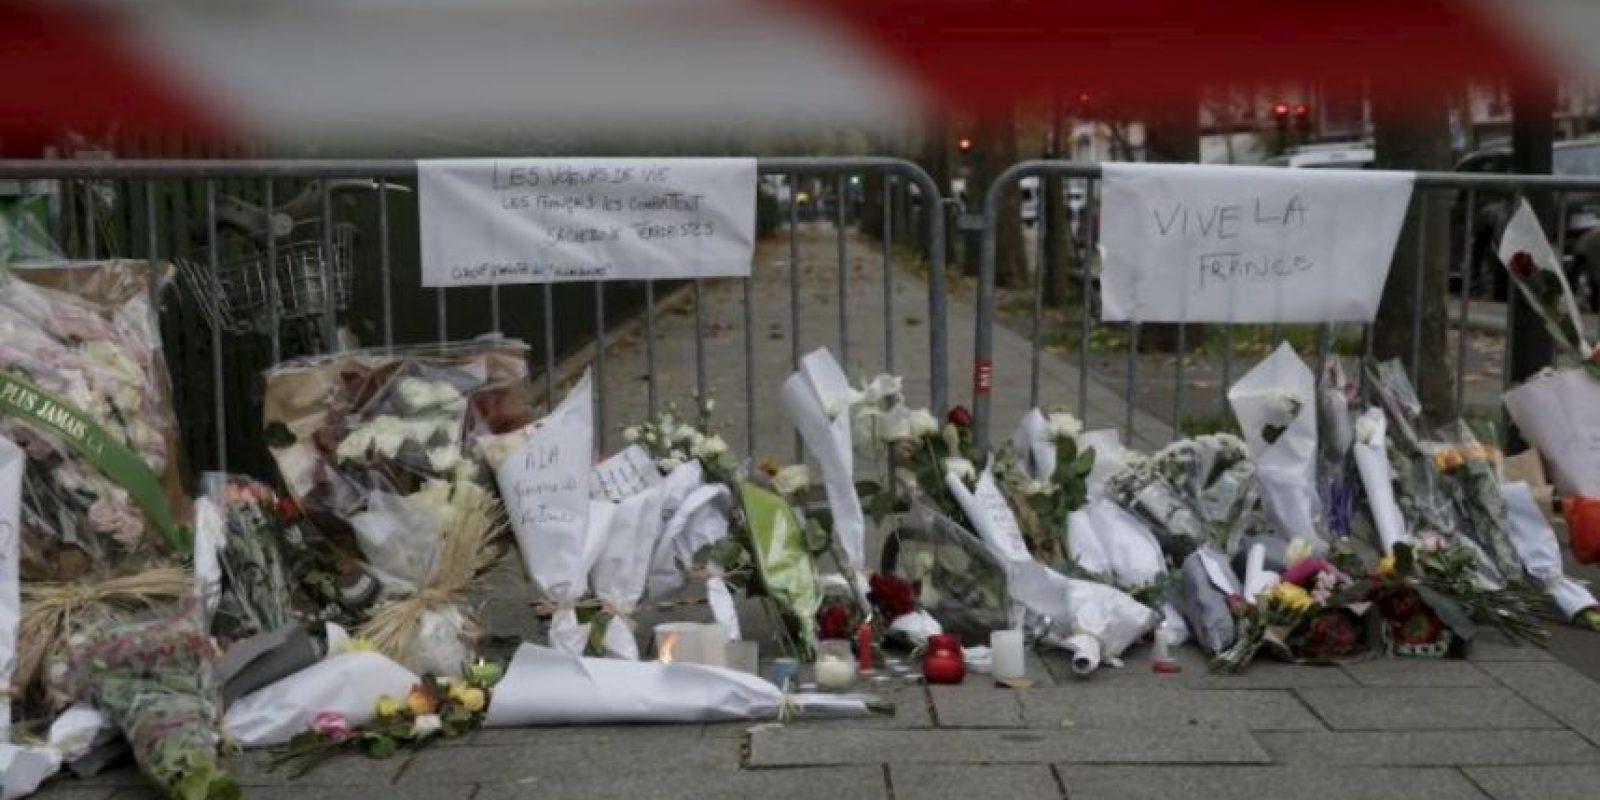 La policía ya ha hecho redadas en un suburbio de Bruselas y ha hecho arrestos. Allí se cree que vivían tres de los atacantes. Foto:vía AFP